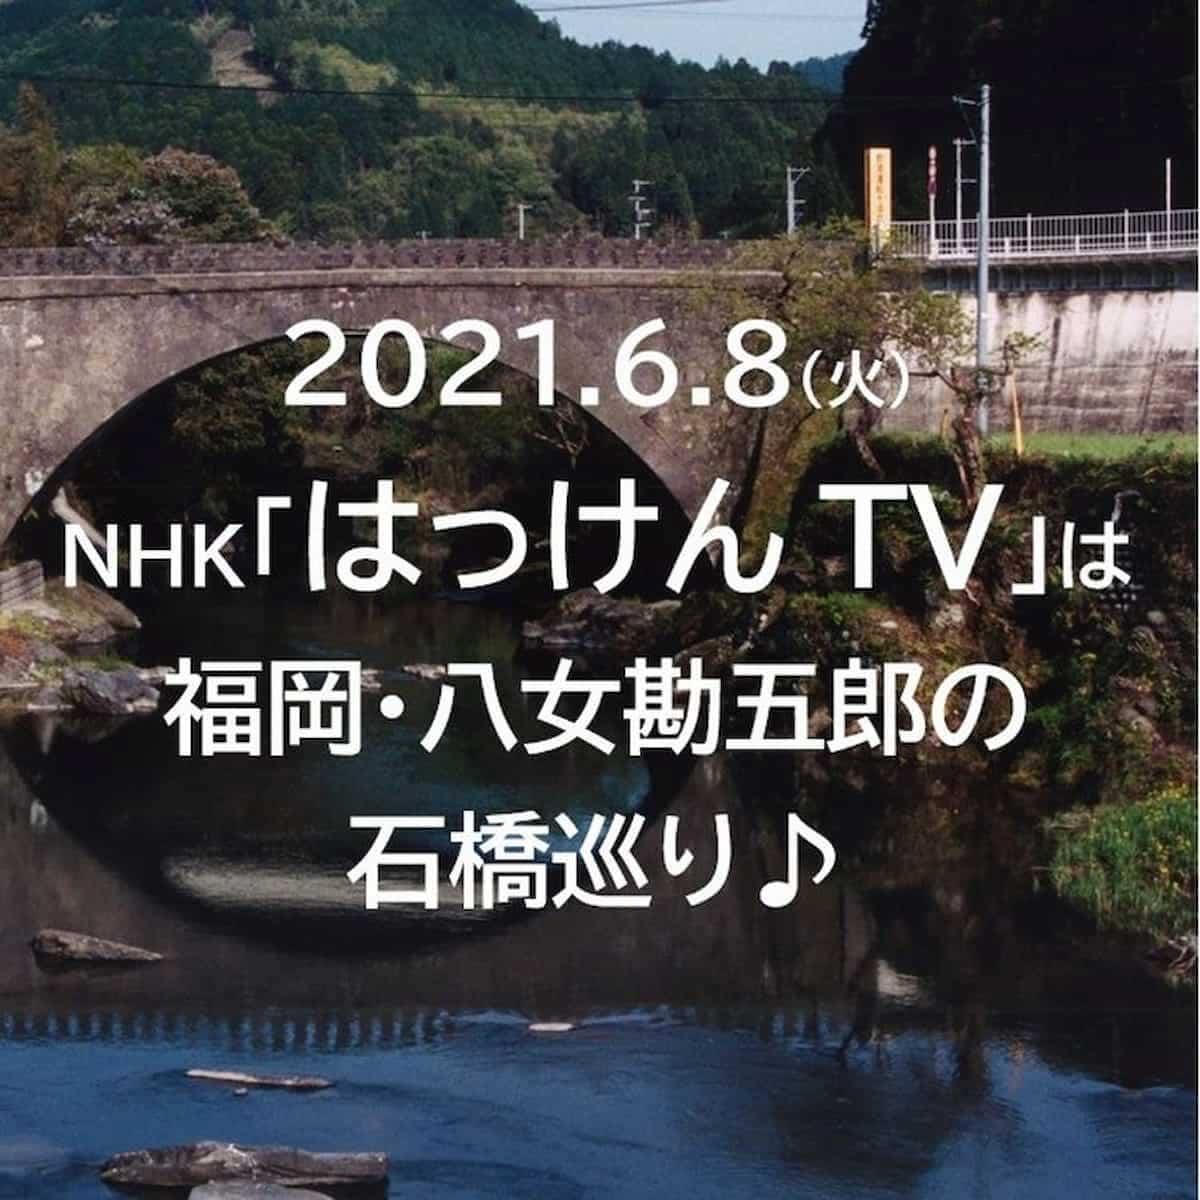 【6月8日放送】八女市上陽町の石橋を巡る NHK「はっけんTV」